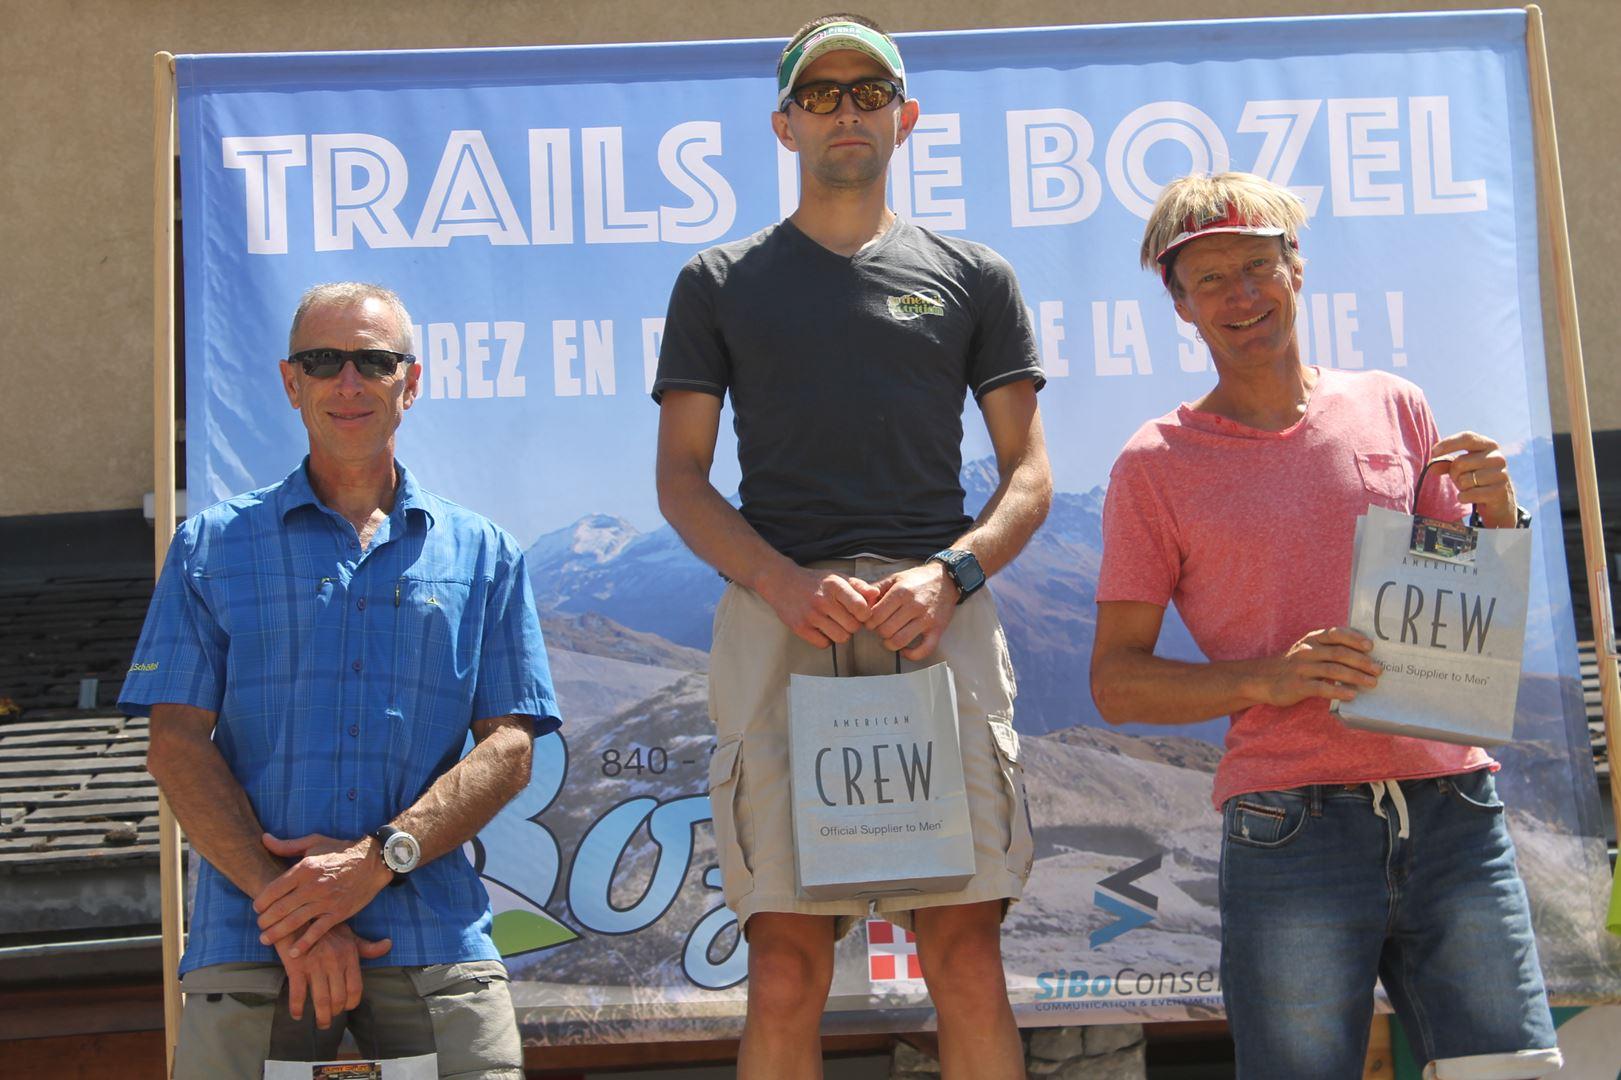 podium hommes du 38km - RESULTATS ET PHOTOS DU TRAIL DE BOZEL (73)  18-06-2017